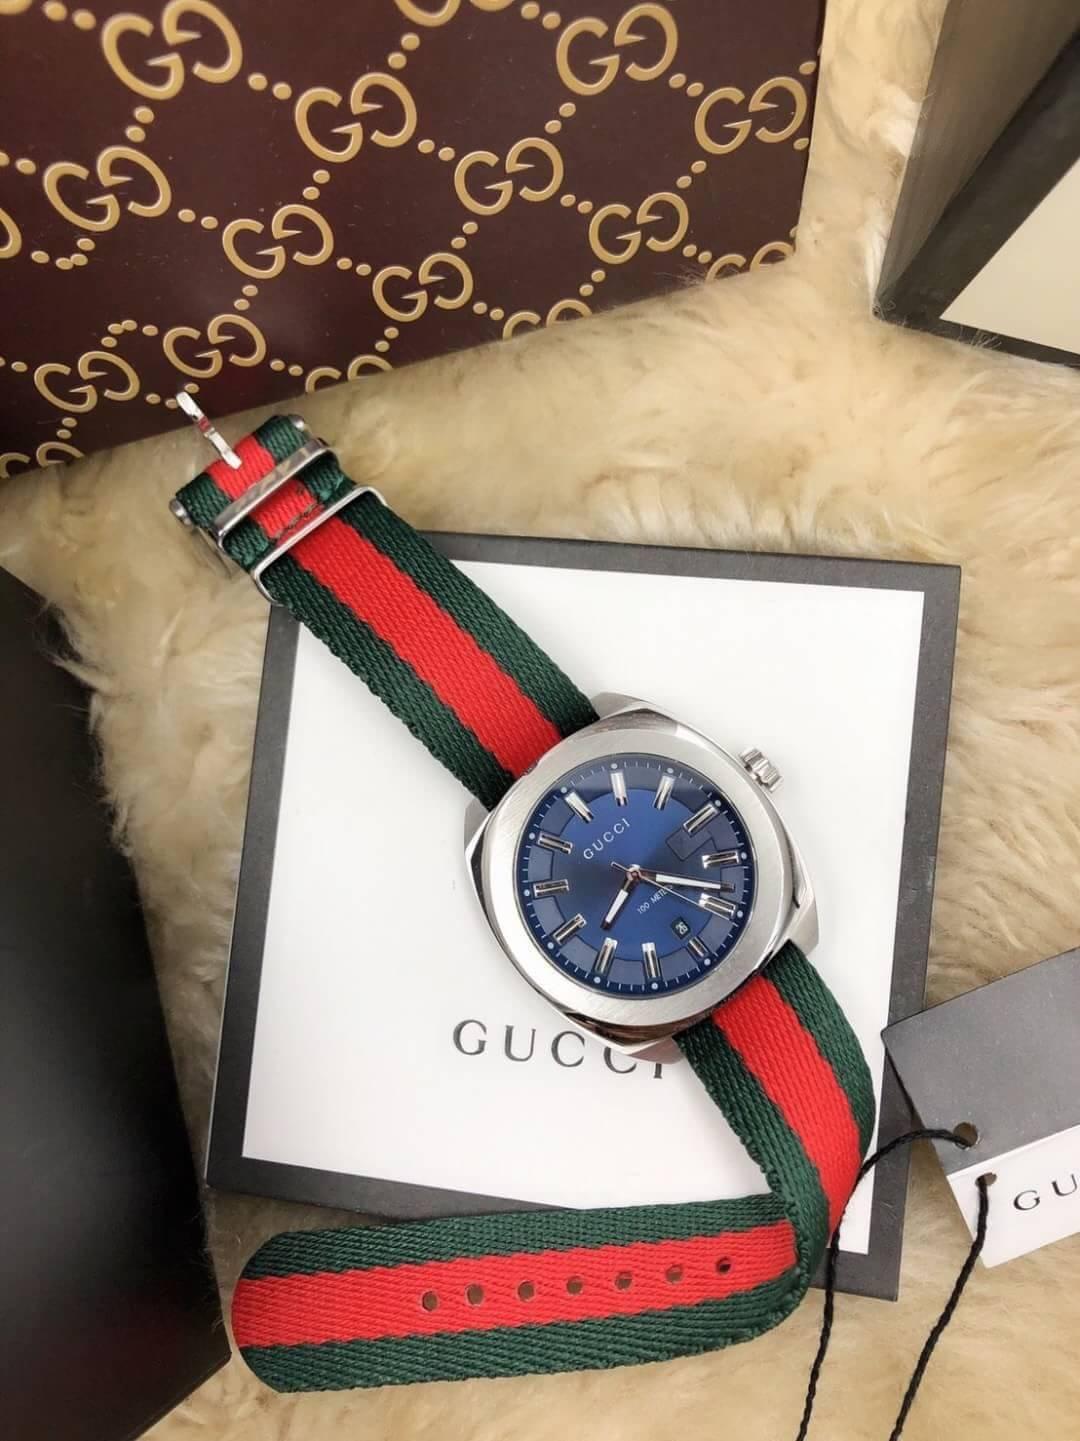 นาฬิกา Gucci 100meter GG2570, ก๊อปสายผ้า ,เกรดA, หน้าน้ำเงิน